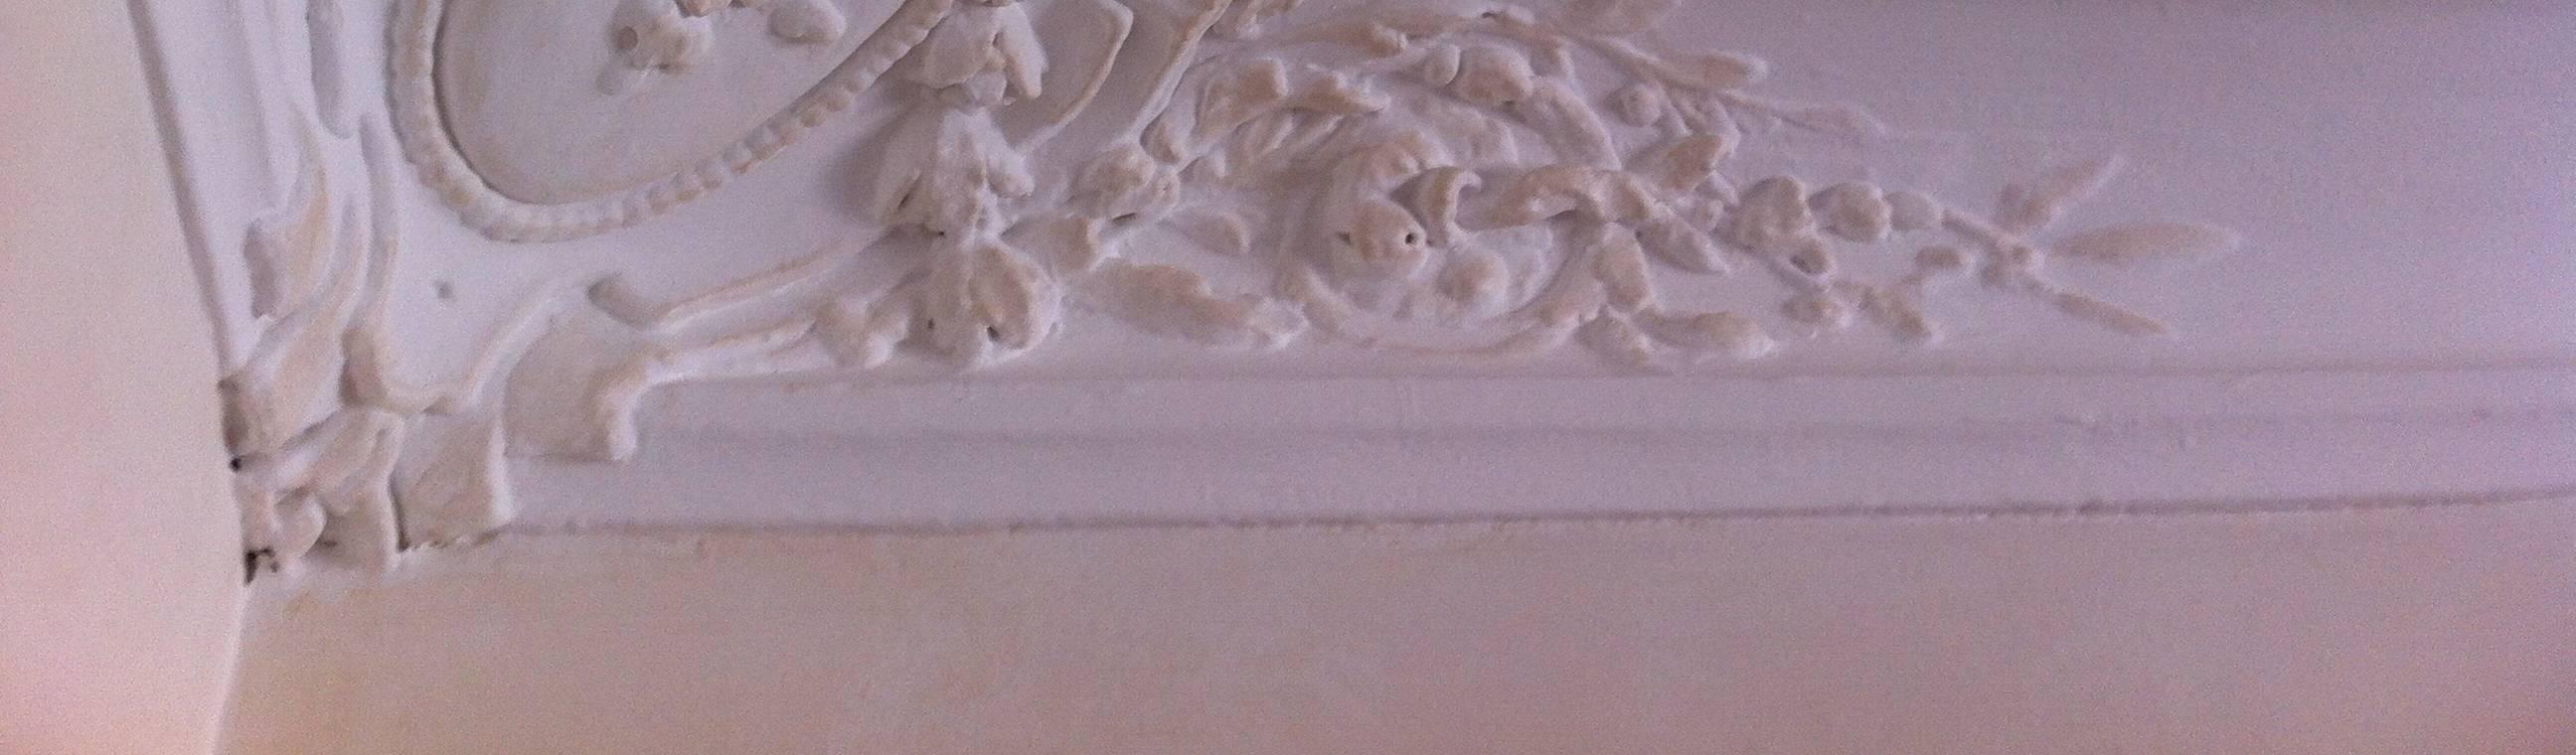 Revetement Mural A Peindre se rapportant à ar decor - peinture de décoration: peinture et revêtement mural à